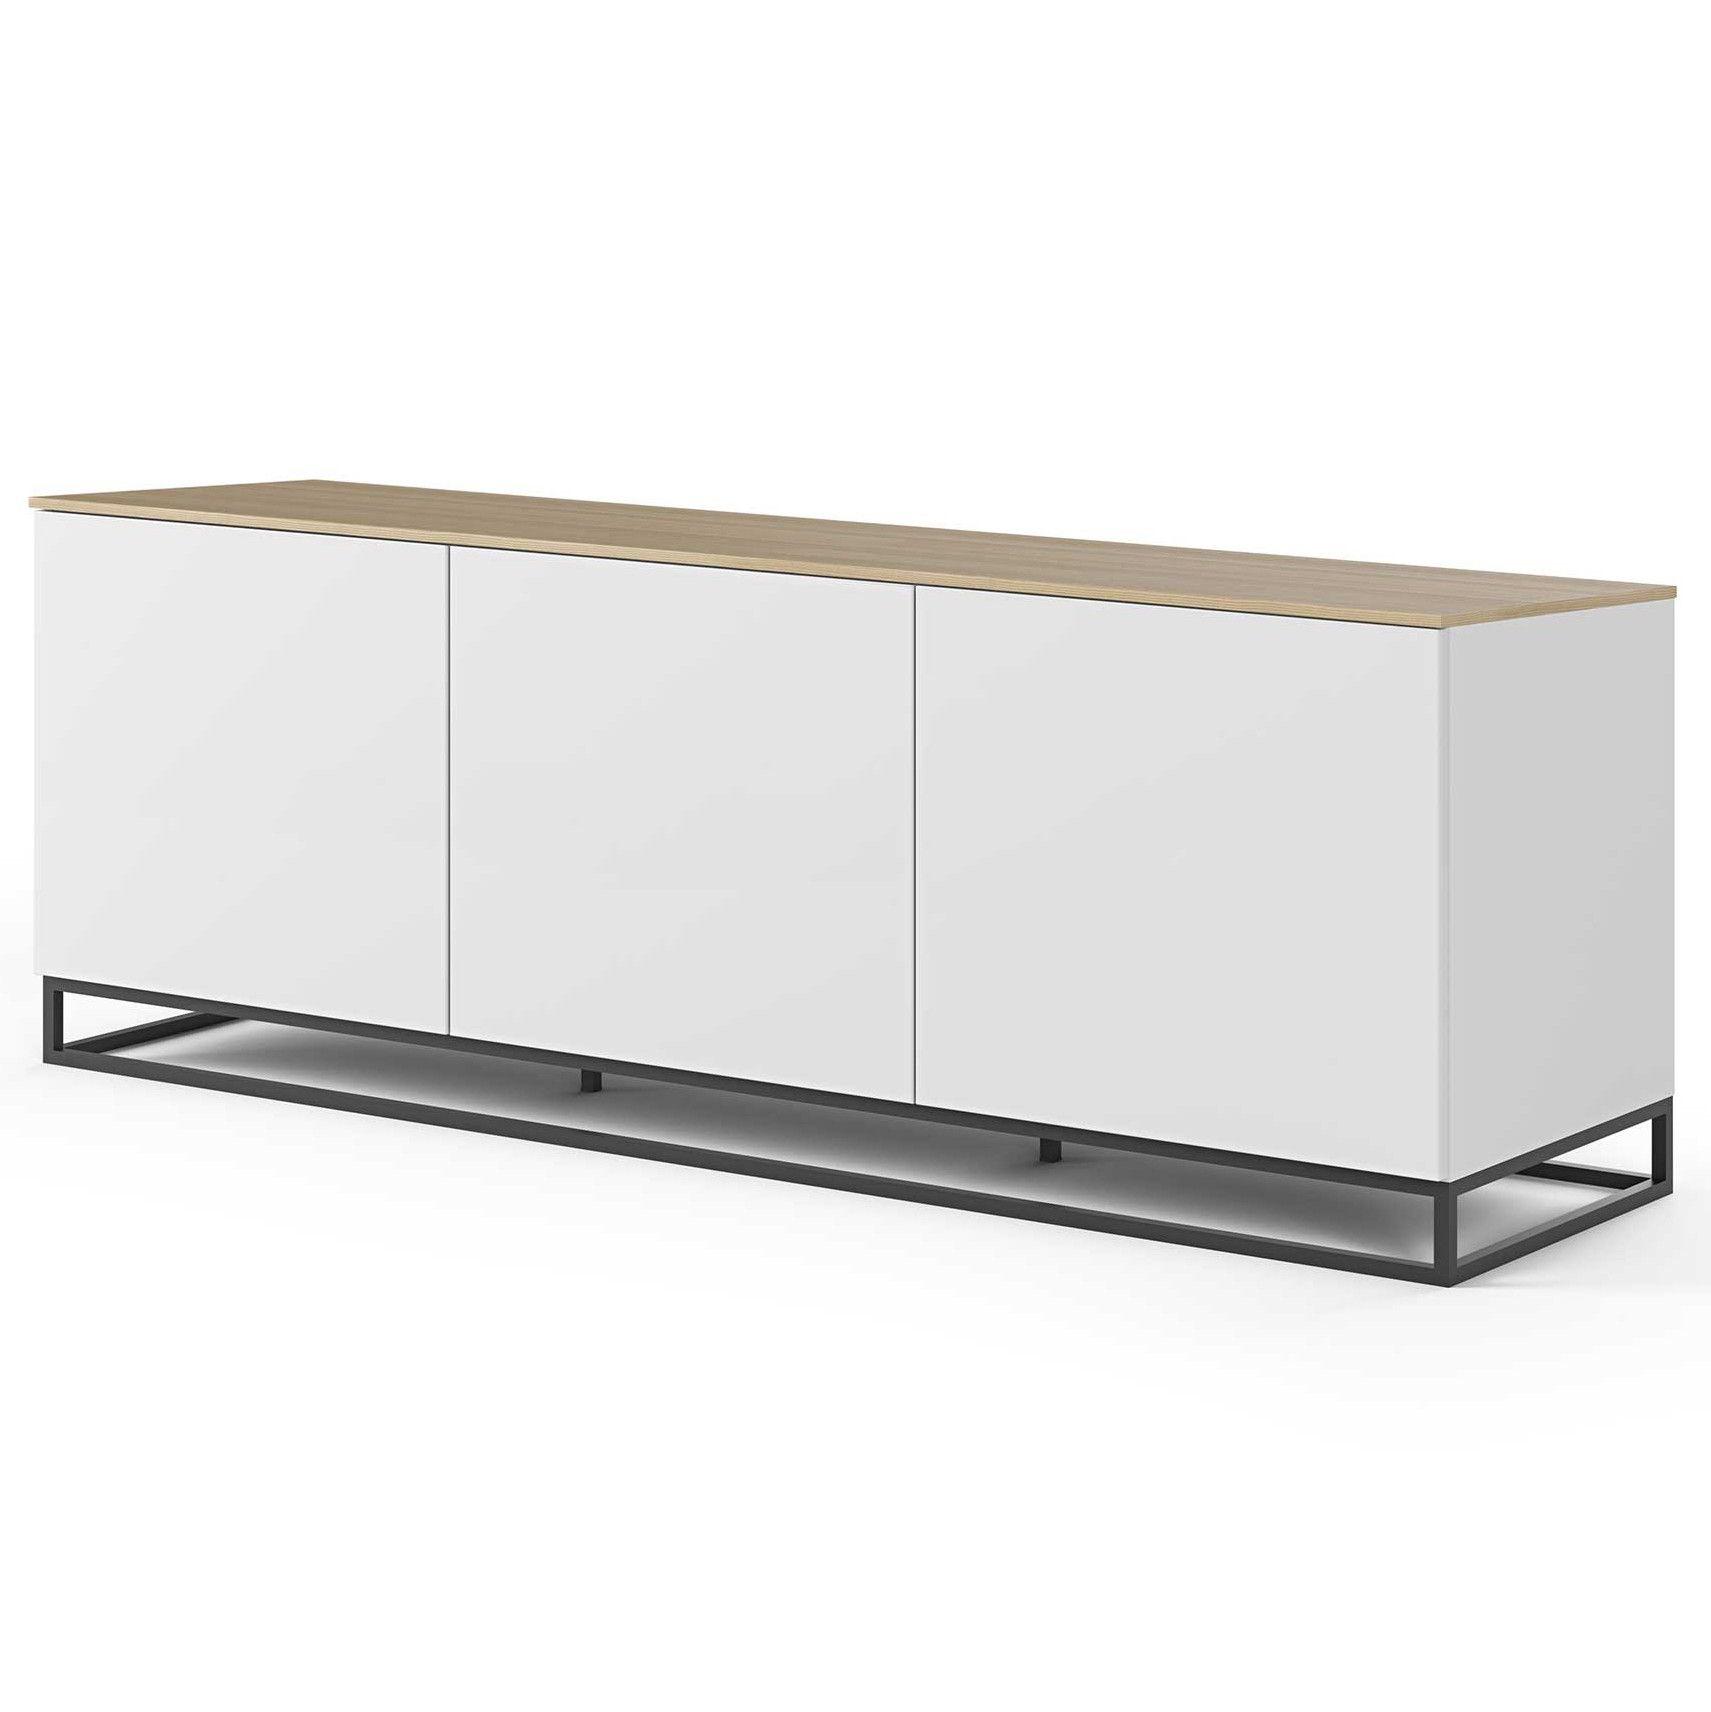 bahut join bas 180cm avec pietement en metal et 3 portes blanc mat chene